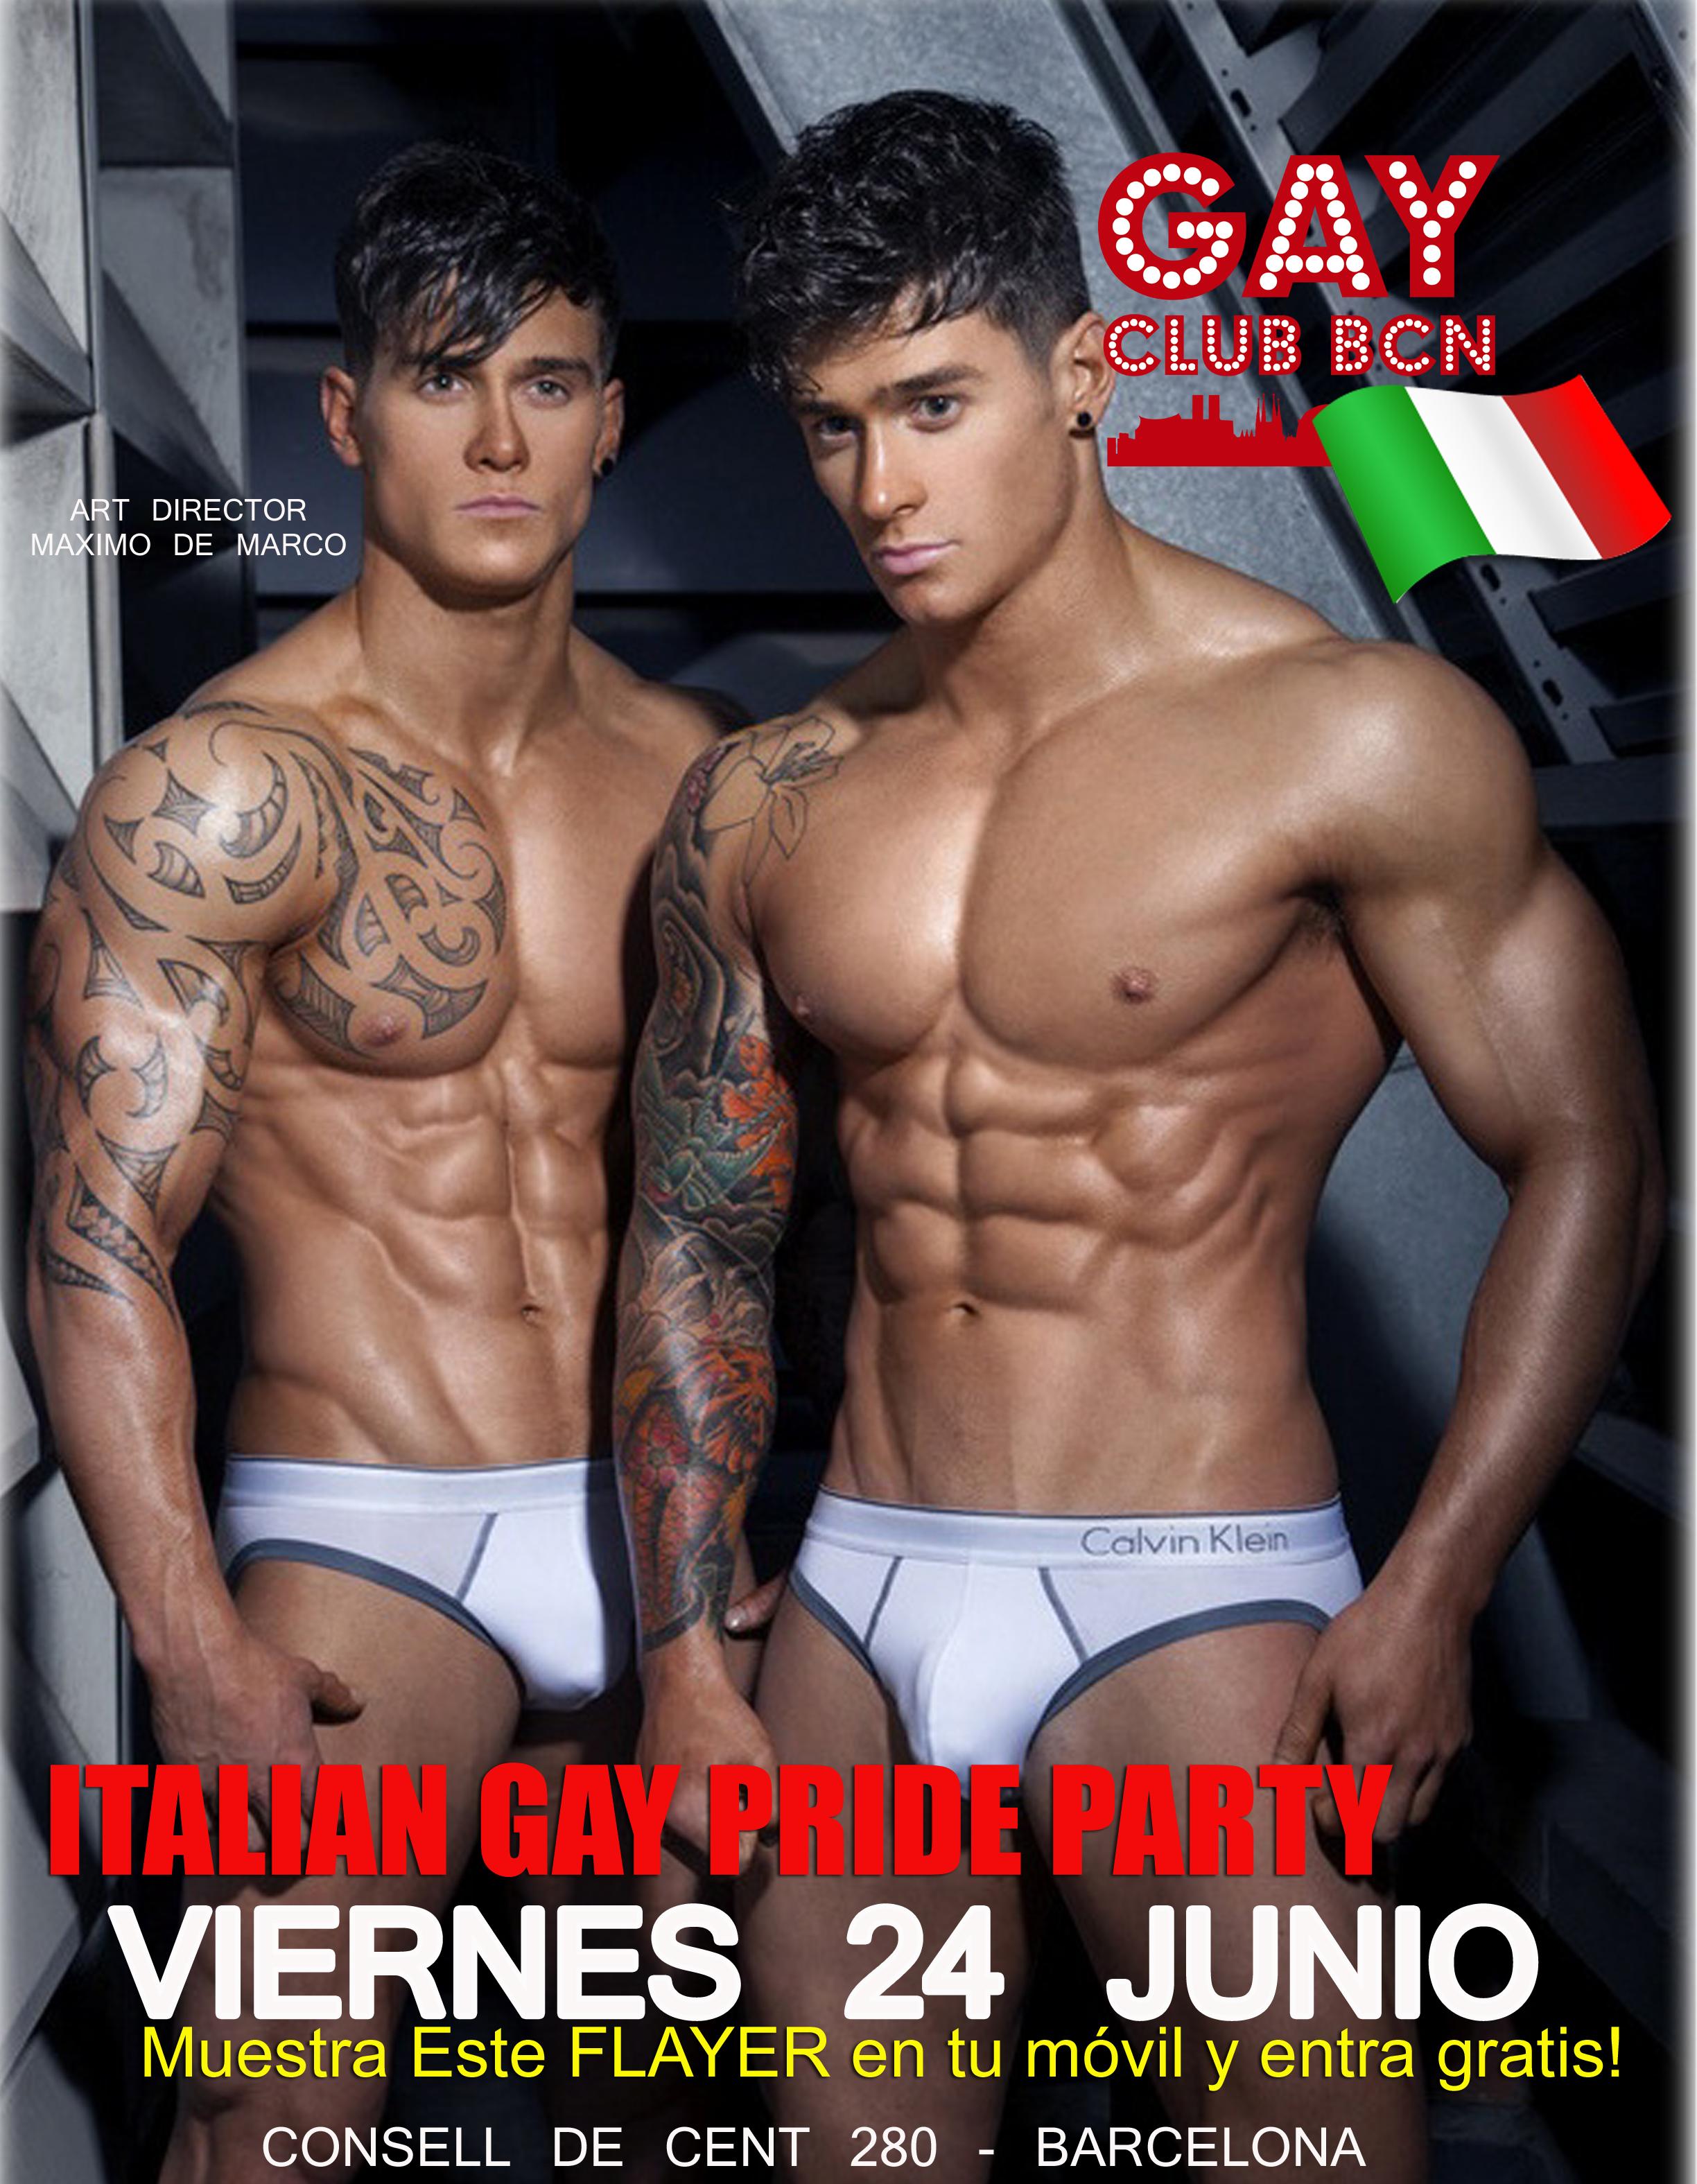 ITALIAN GAY PRIDE AL GAY CLUB BCN DI BARCELLONA